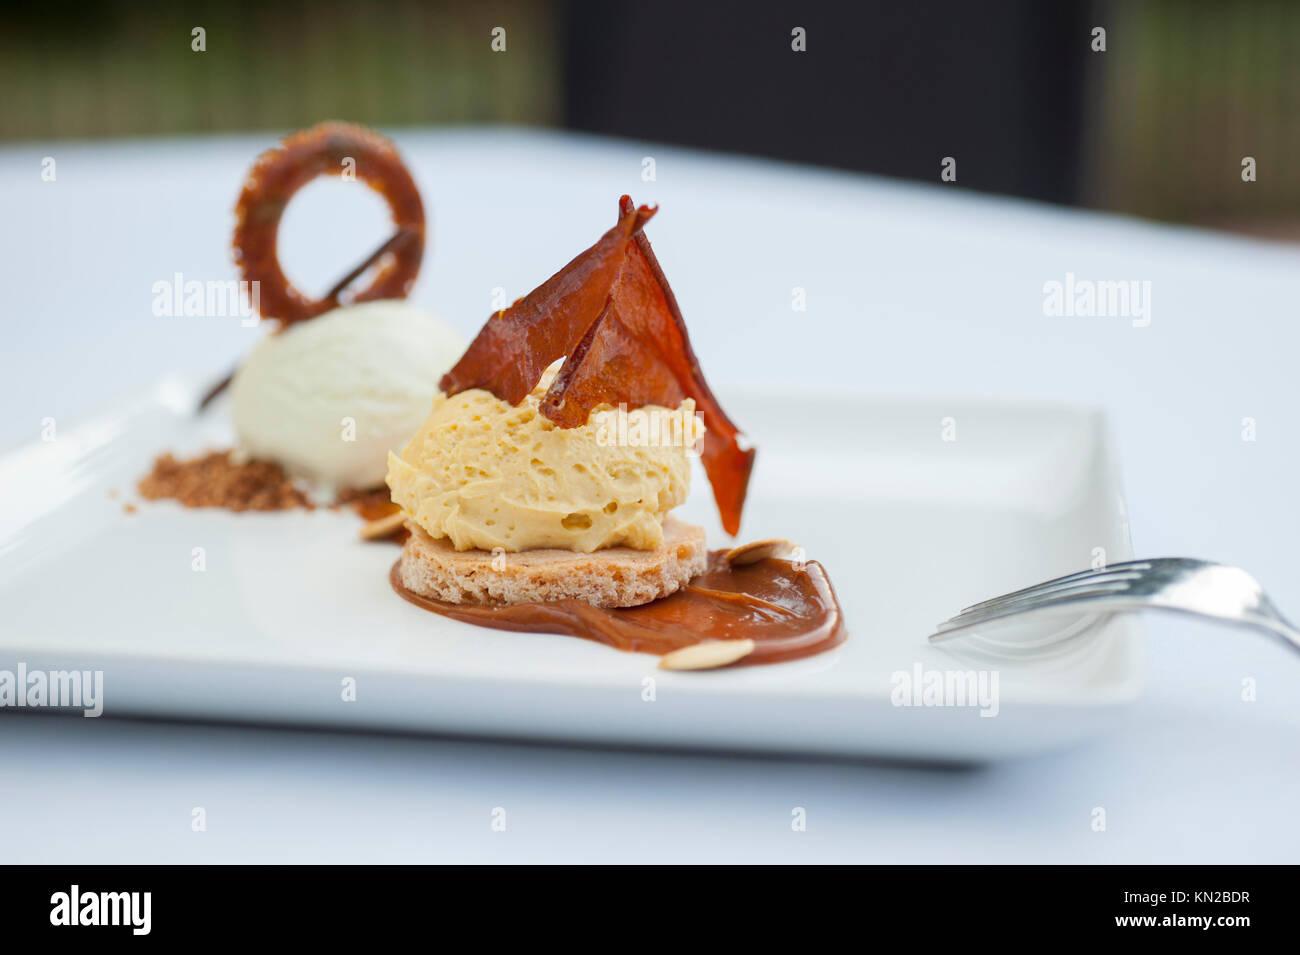 USA Virginia VA Williamsburg Winery Cafe provenzalischen Speisen elegant essen Dessert Stockbild